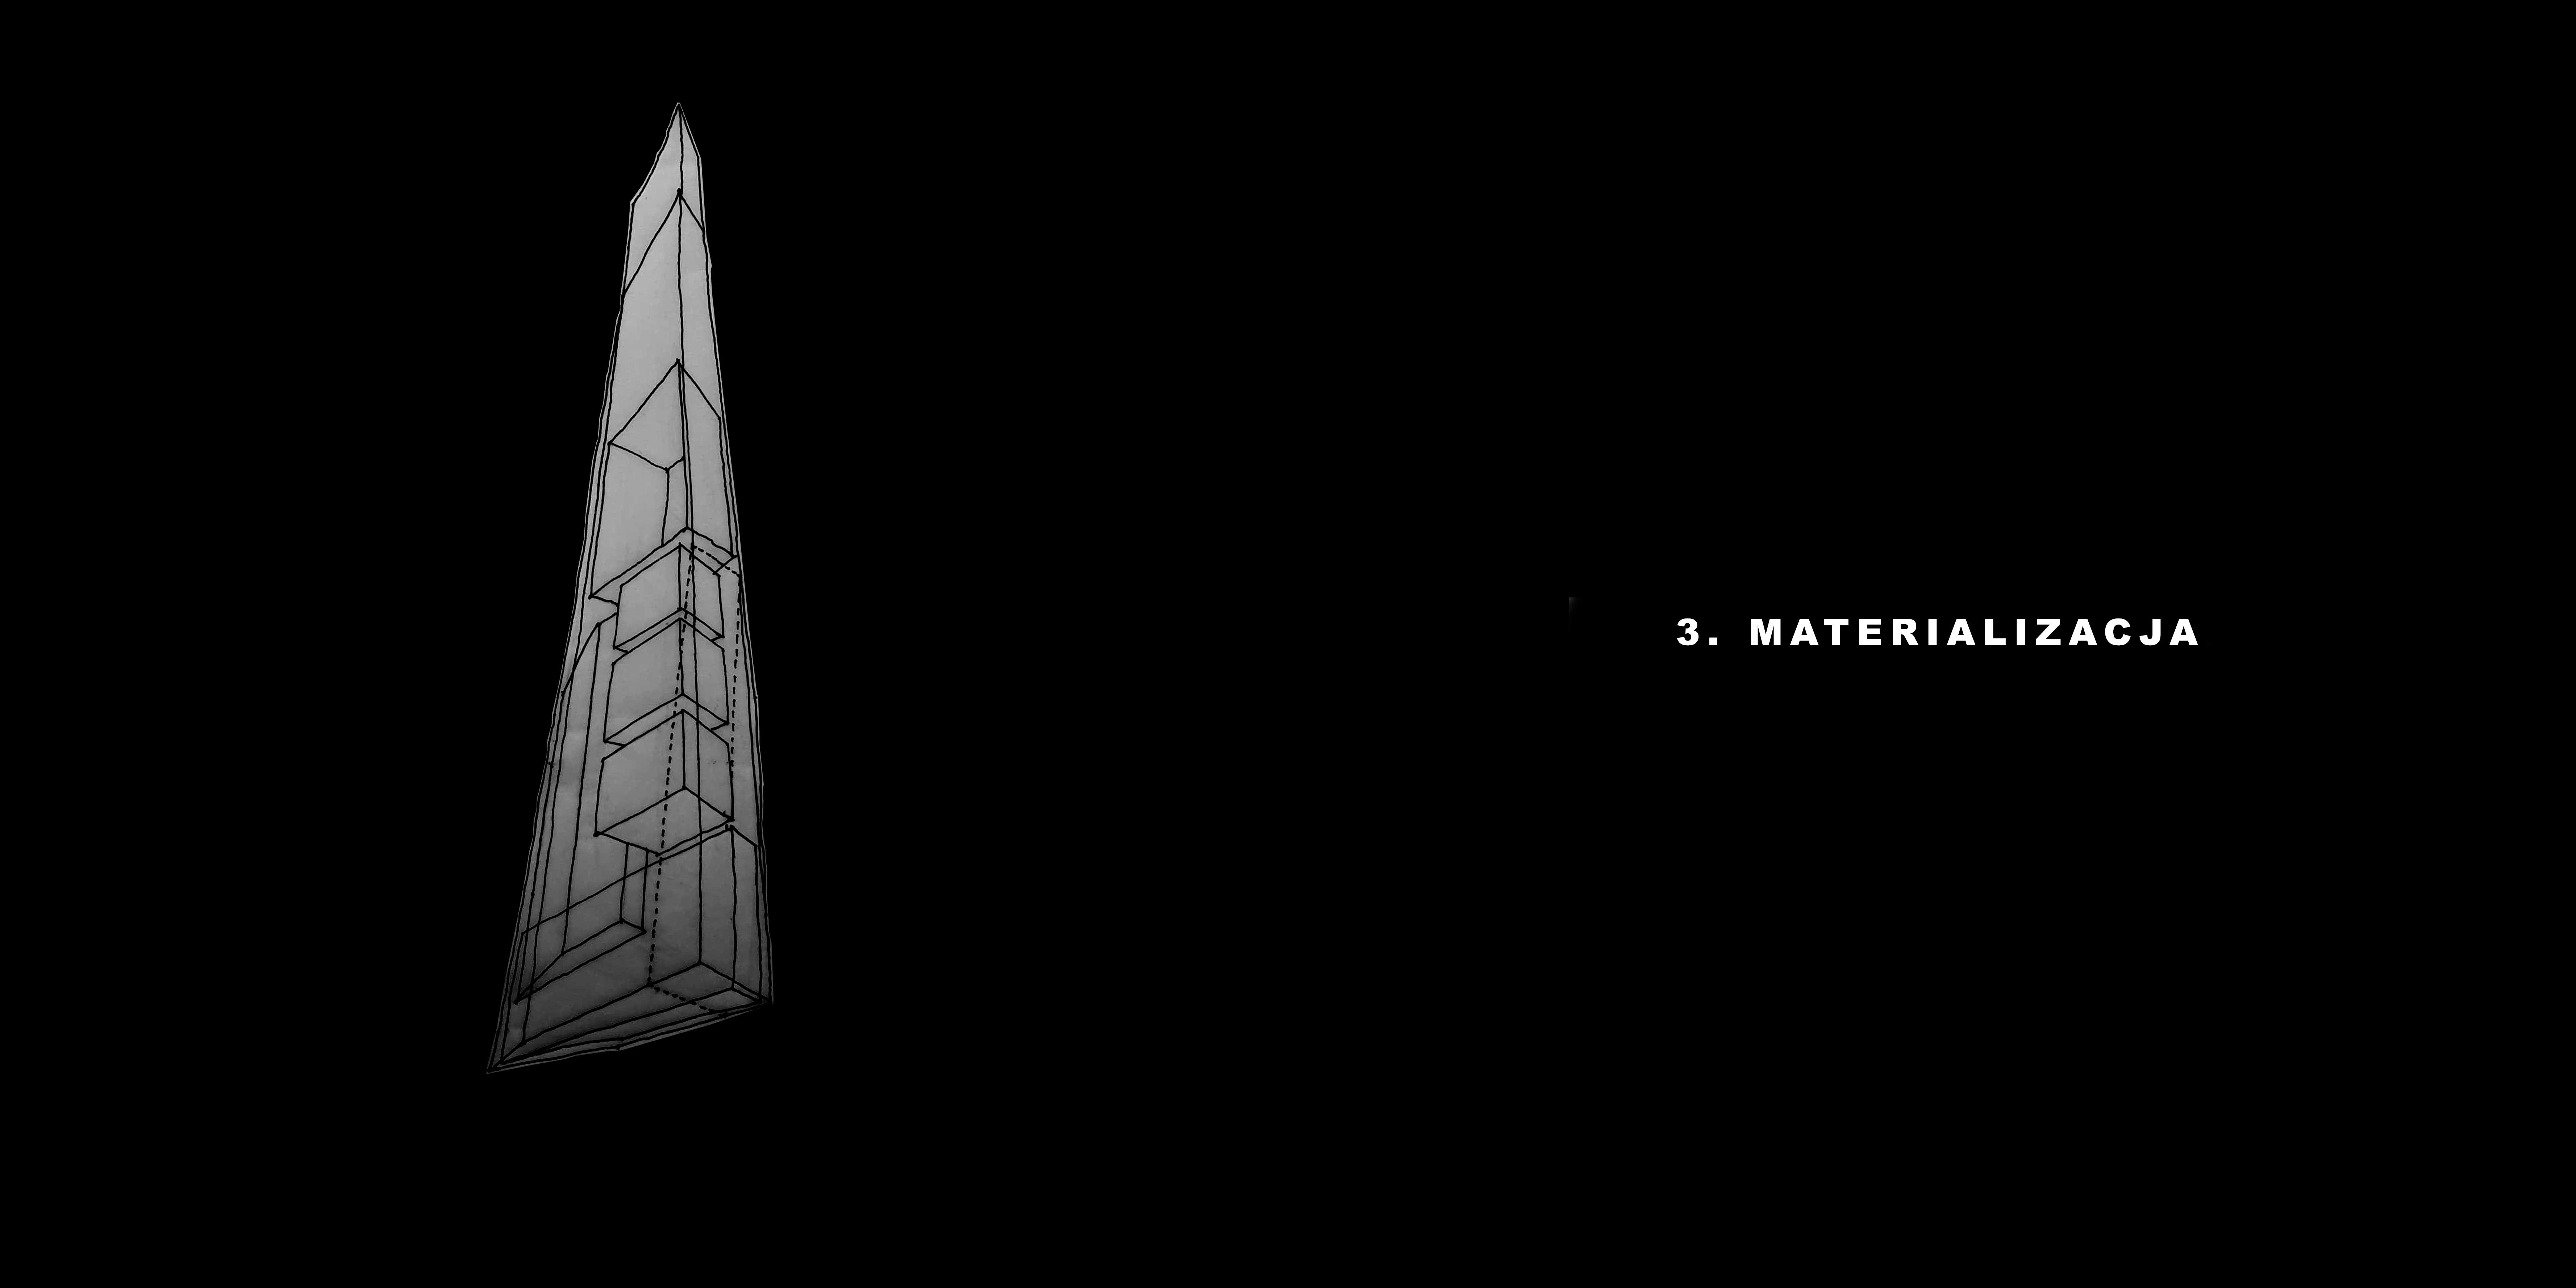 40 i 4 - materializacja